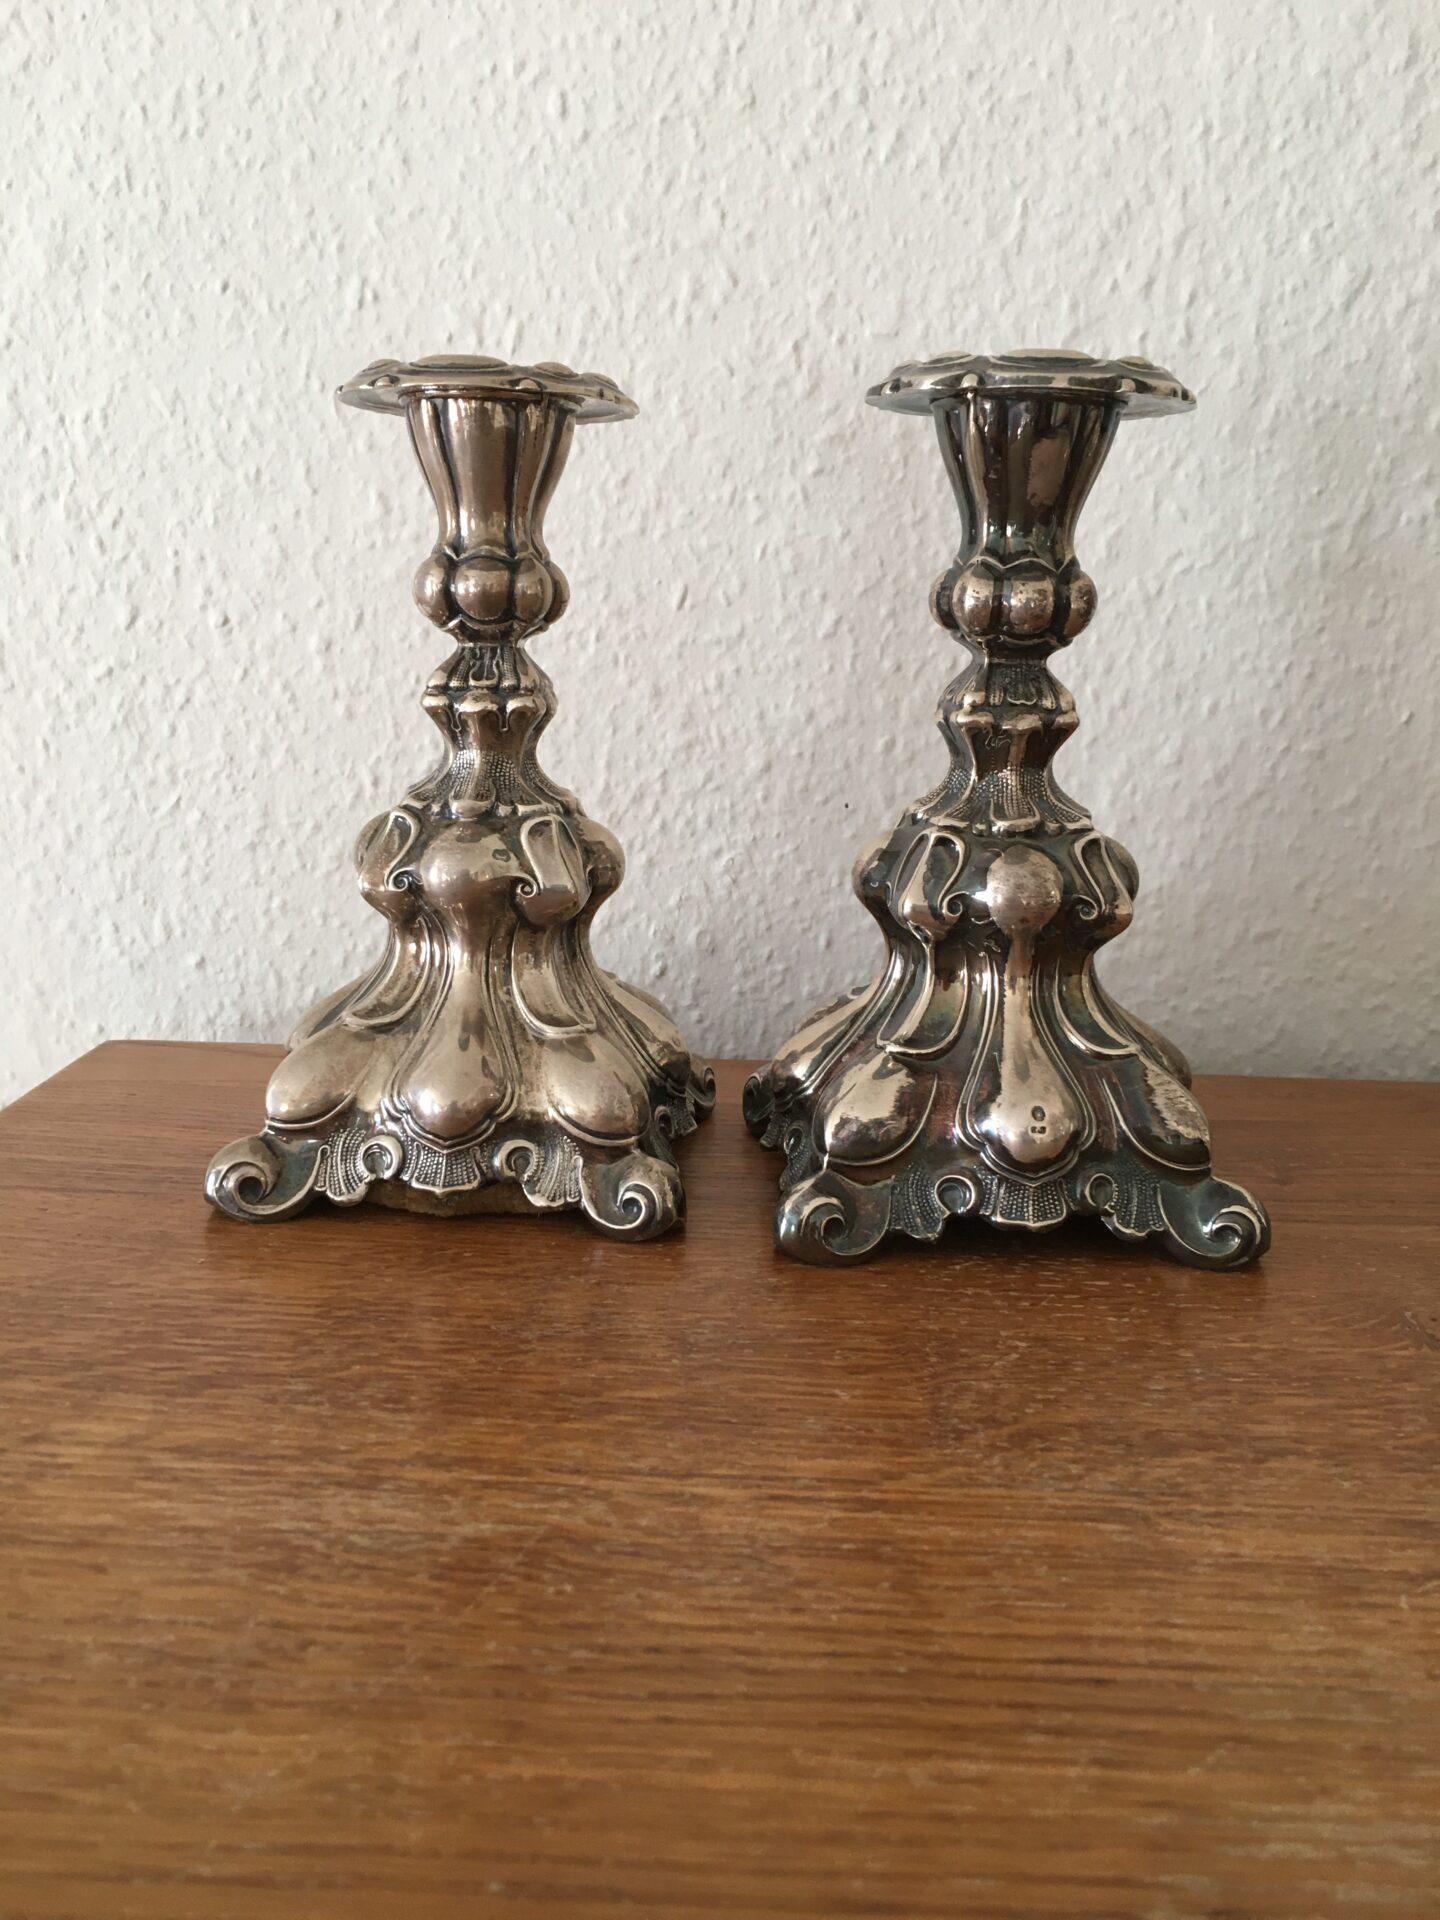 2 stk 3-tårnet sølvlysestager, rokokostil, stemplet HJ og Guardianmærke, samlet pris 1800kr